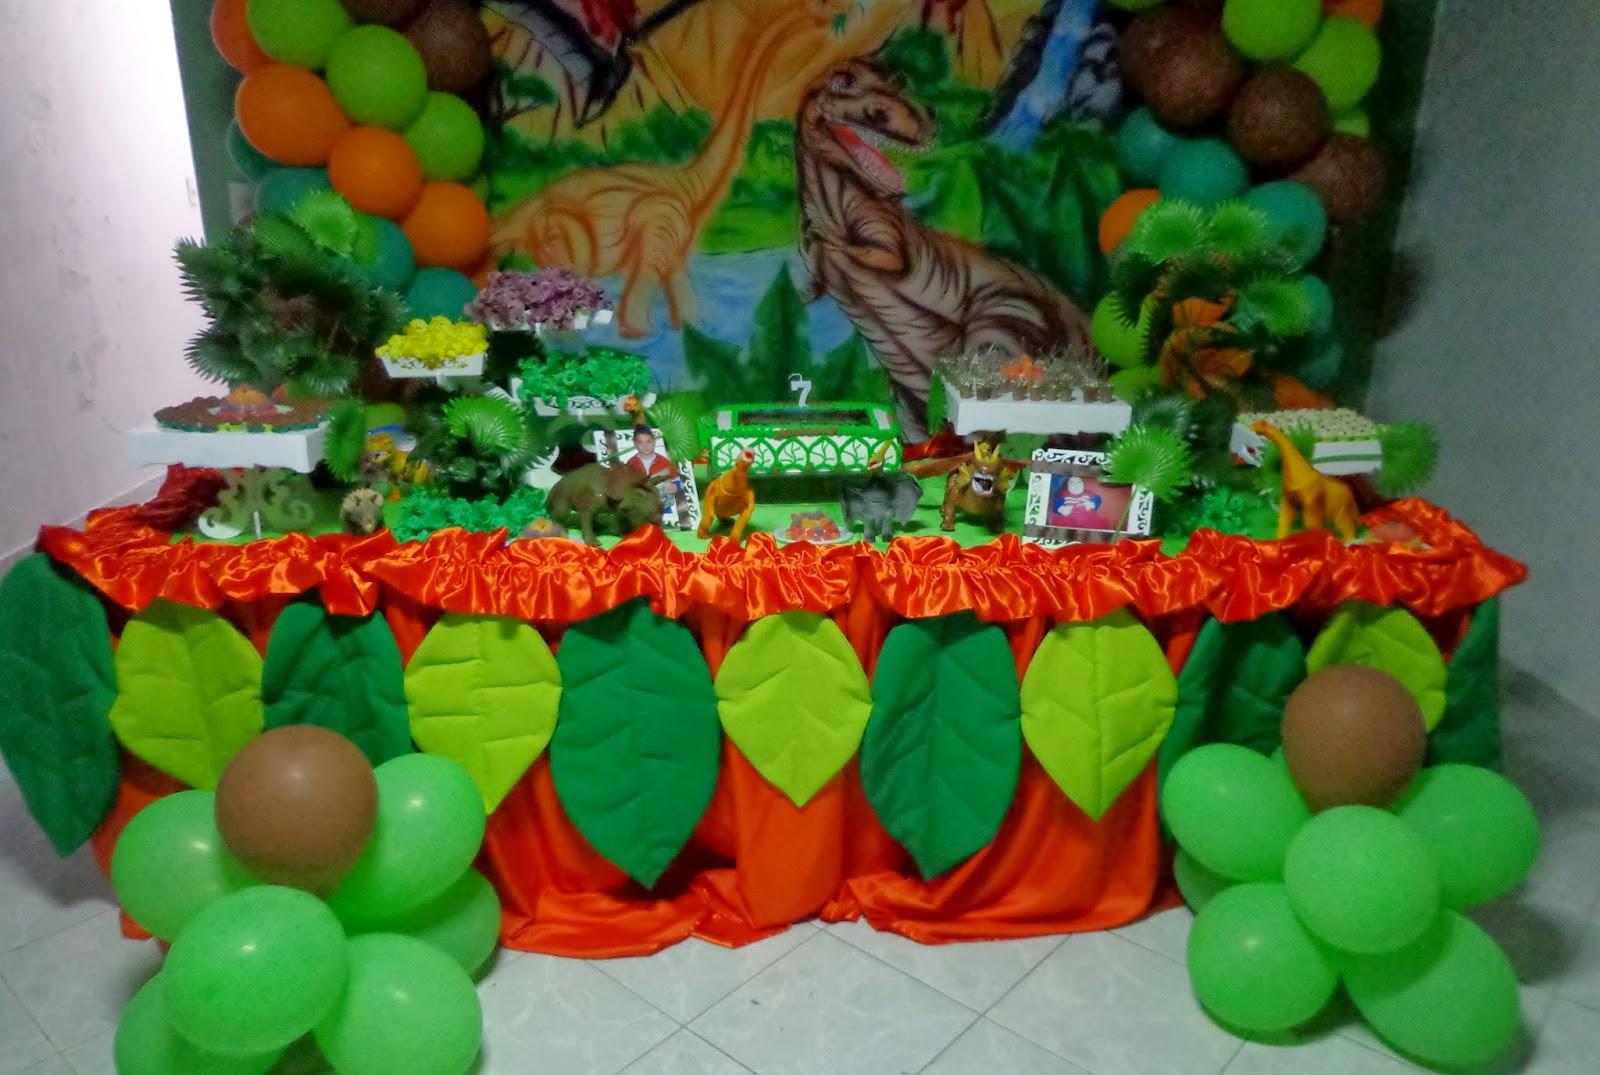 Nafkids Buffetá Domicílio Decoraç u00e3o de Festa Infantil Dinossauro -> Decoraçao De Dinossauro Para Festa Infantil